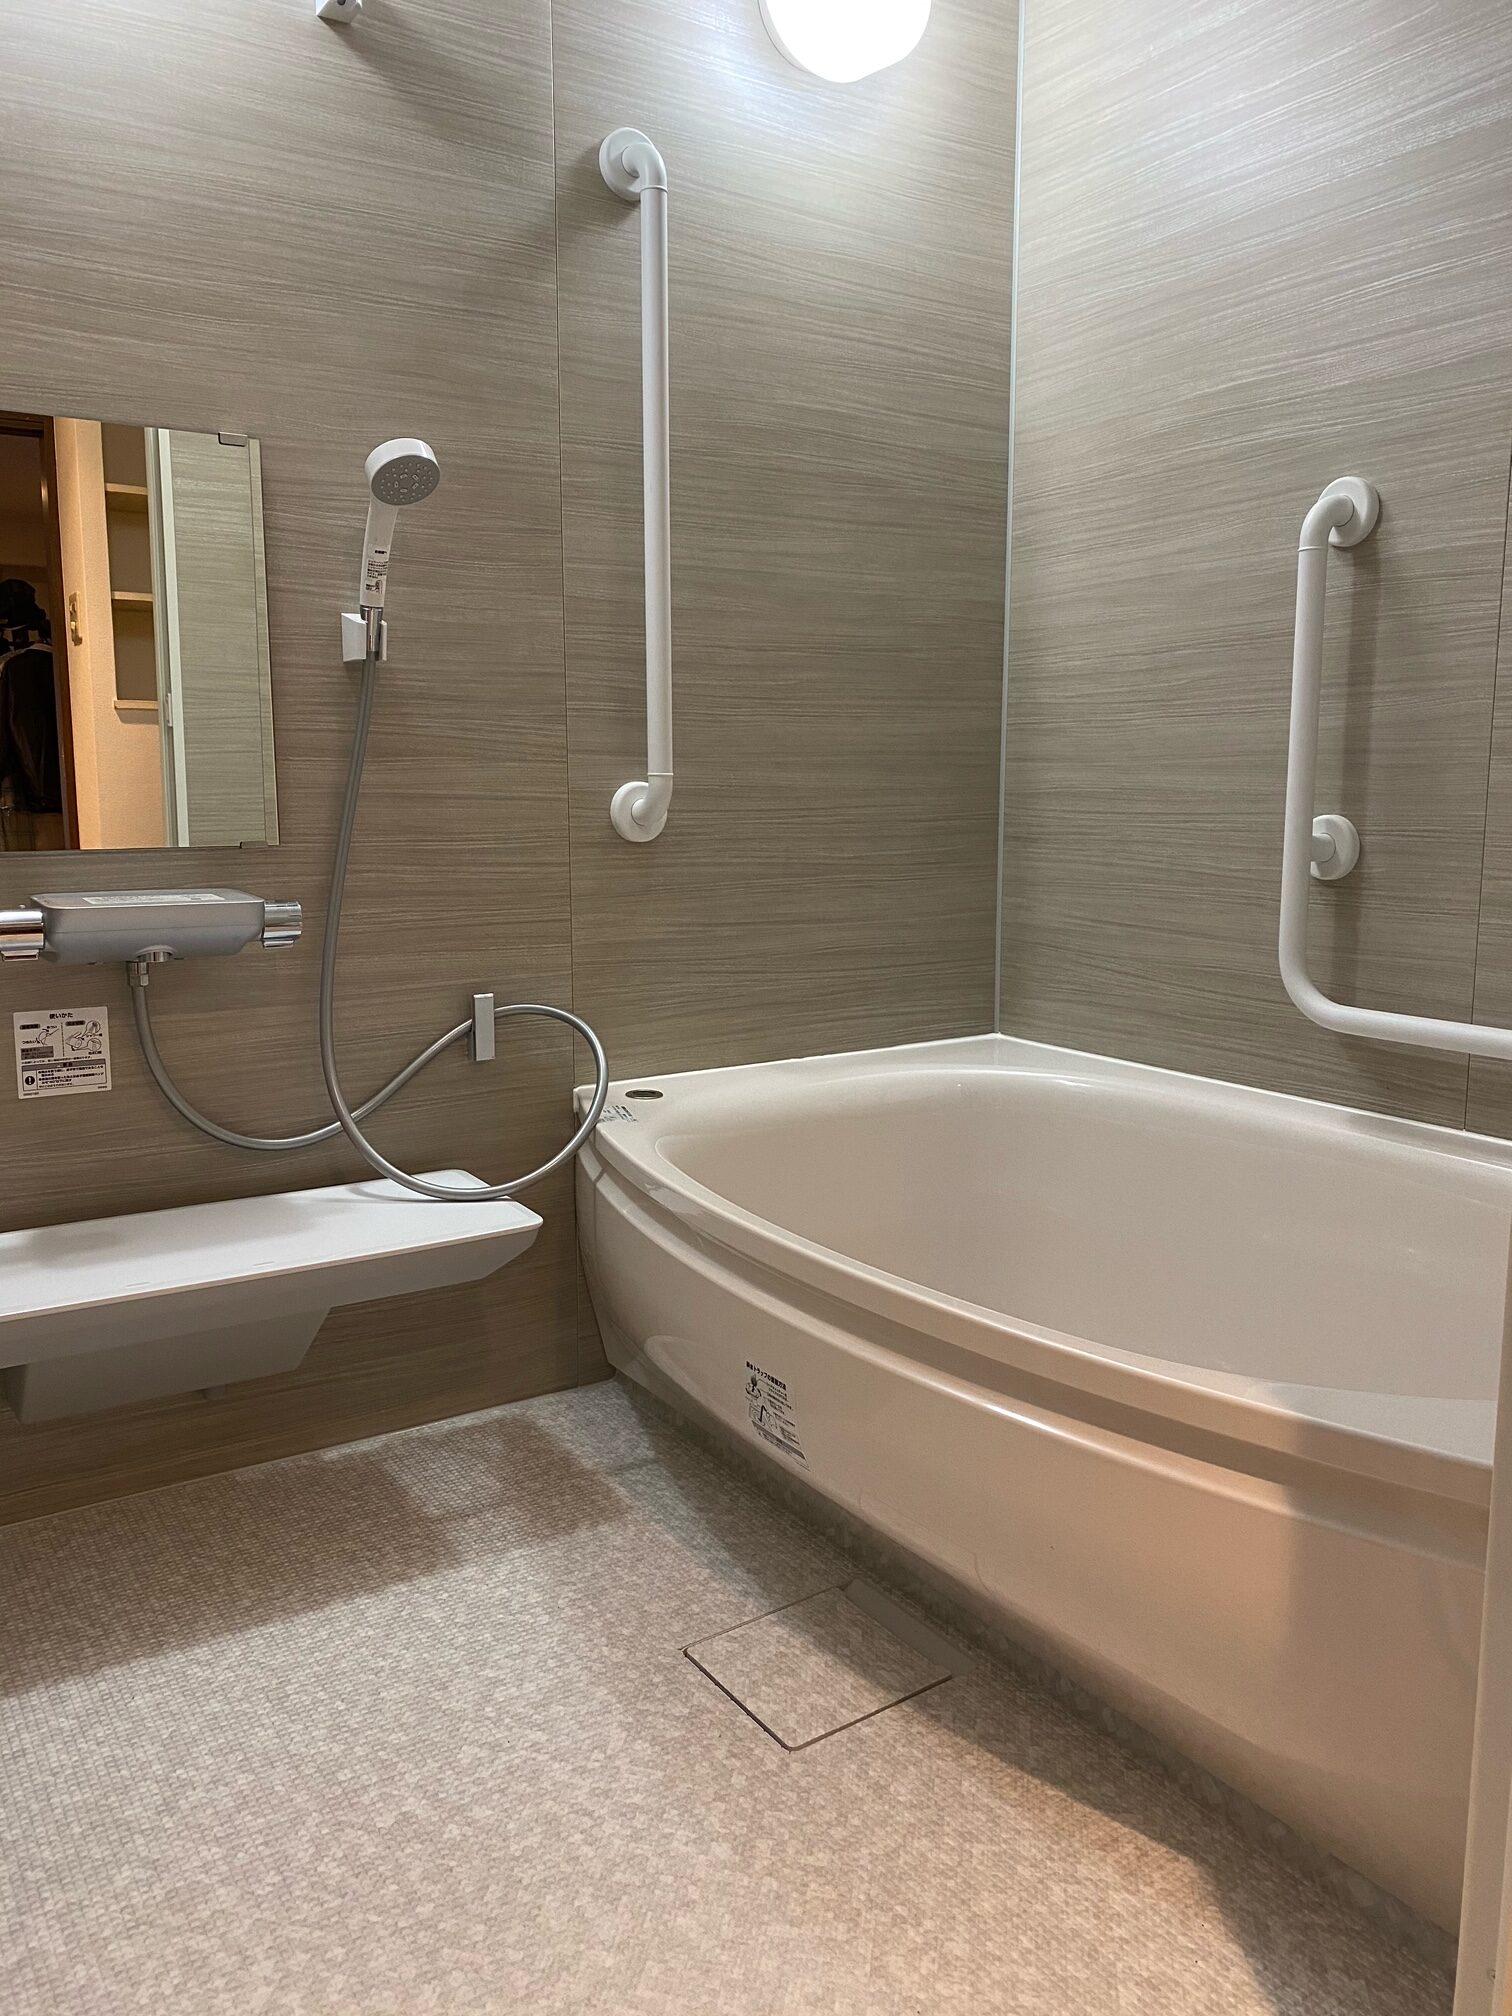 小平市 M様邸浴室リフォーム